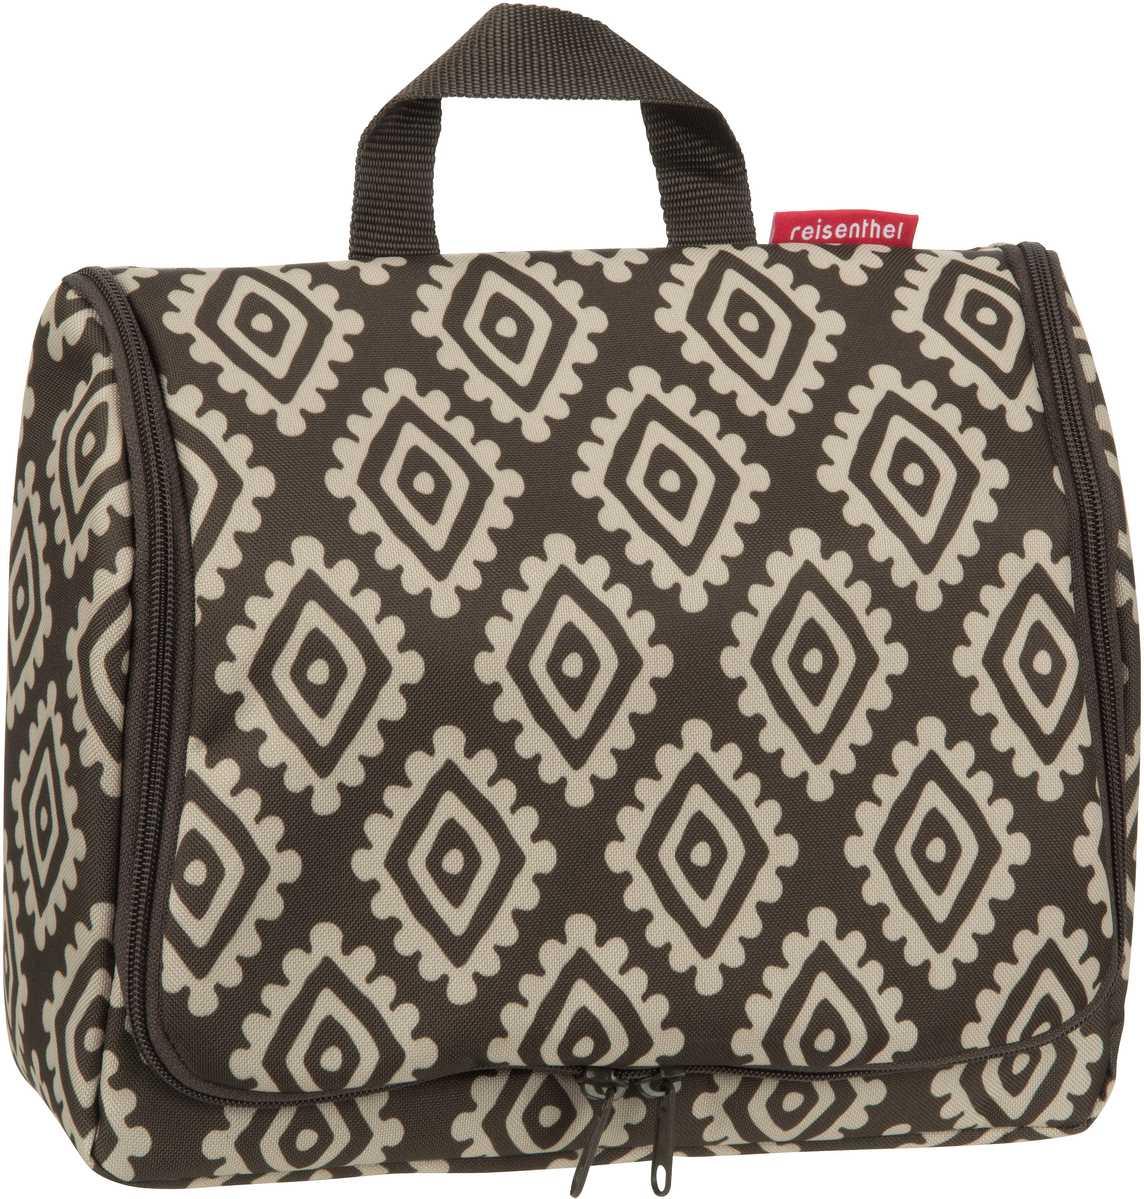 Reisegepaeck für Frauen - reisenthel Kulturbeutel Beauty Case toiletbag XL Diamonds Mocha (4 Liter)  - Onlineshop Taschenkaufhaus